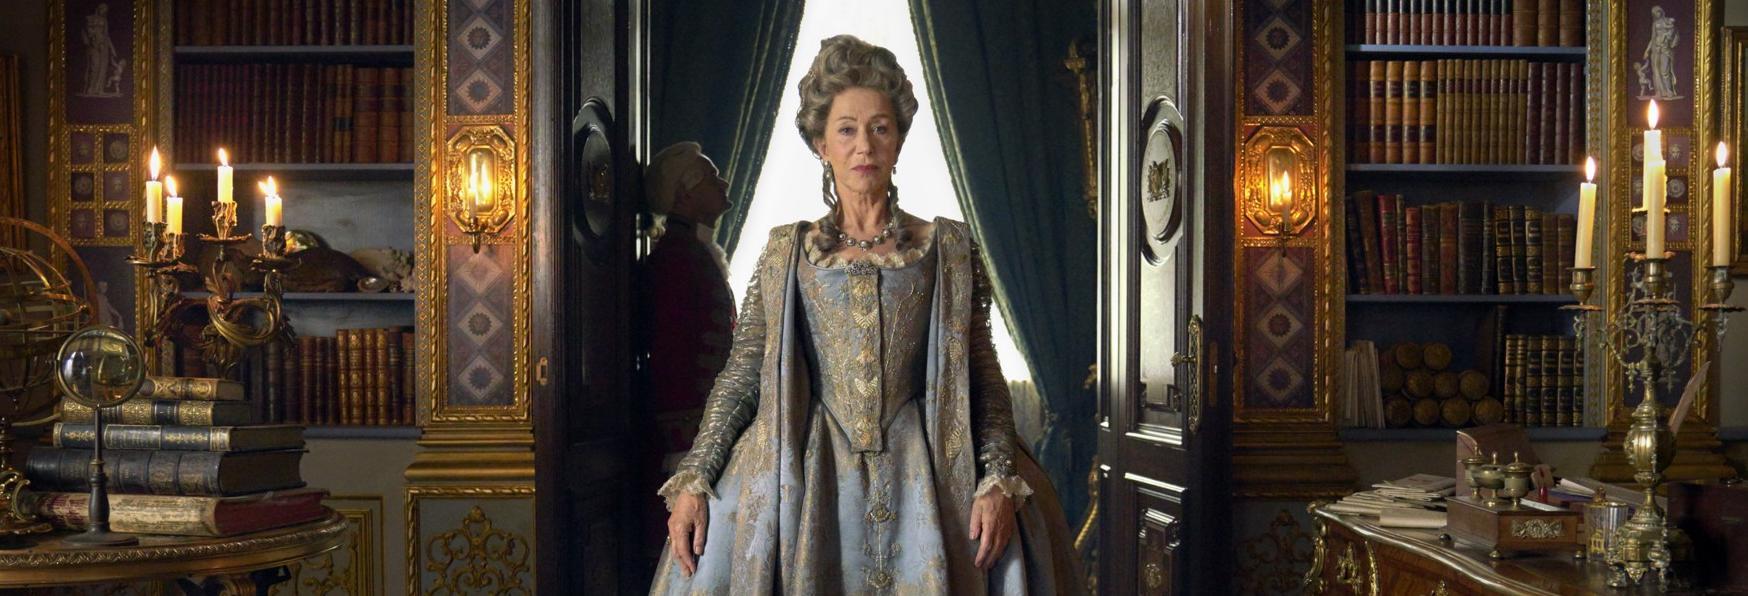 Catherine the Great: il Trailer Ufficiale della nuova Miniserie HBO, con Helen Mirren